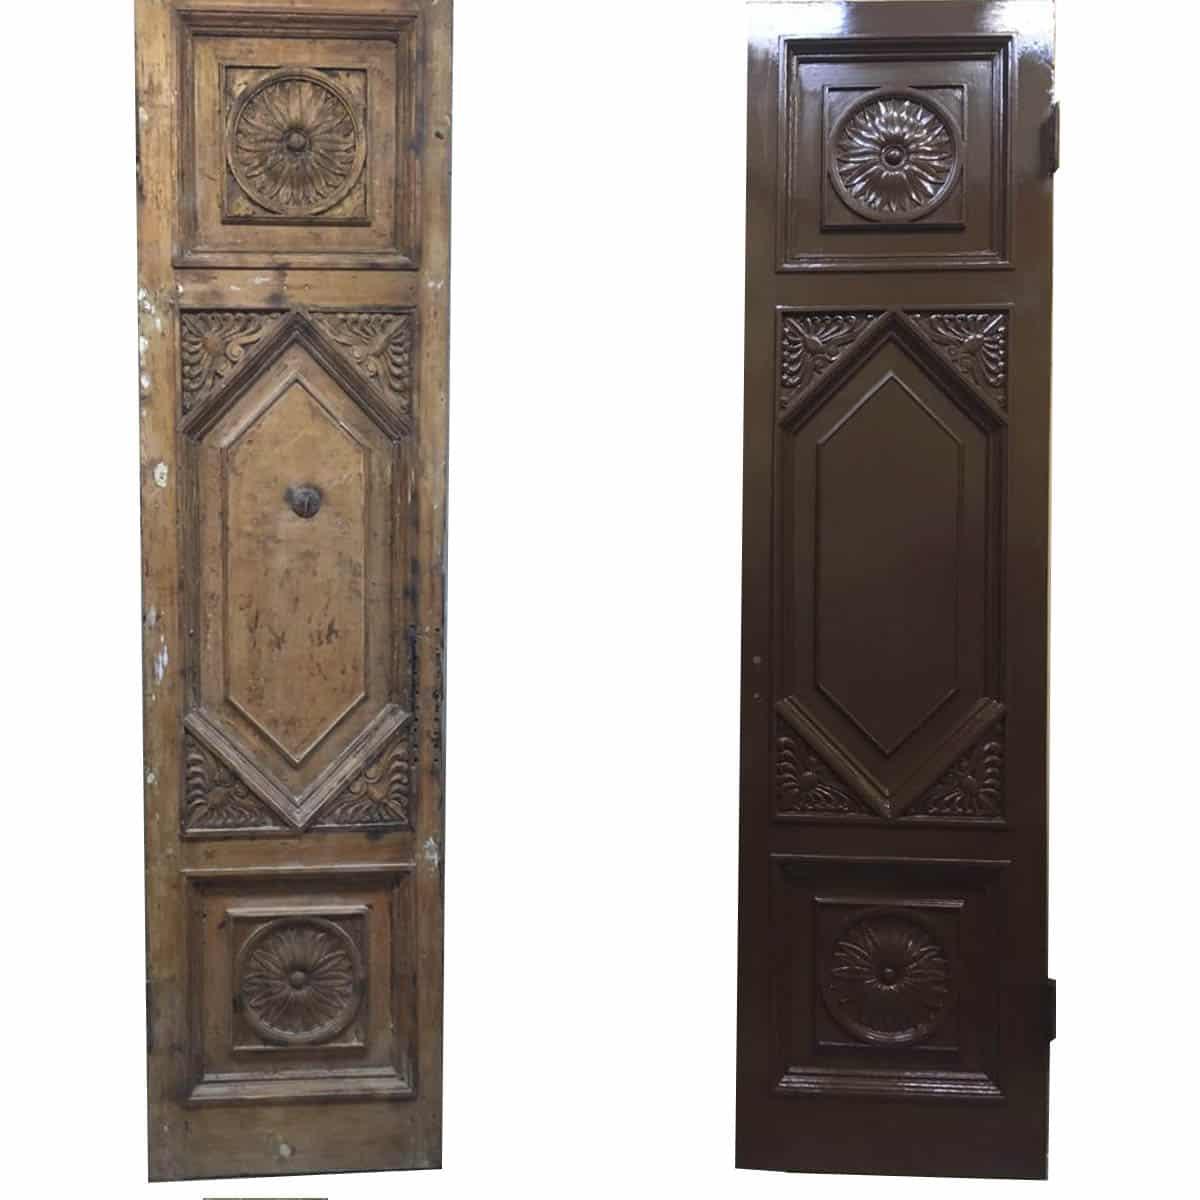 реставрация входной двери (старый фонд)